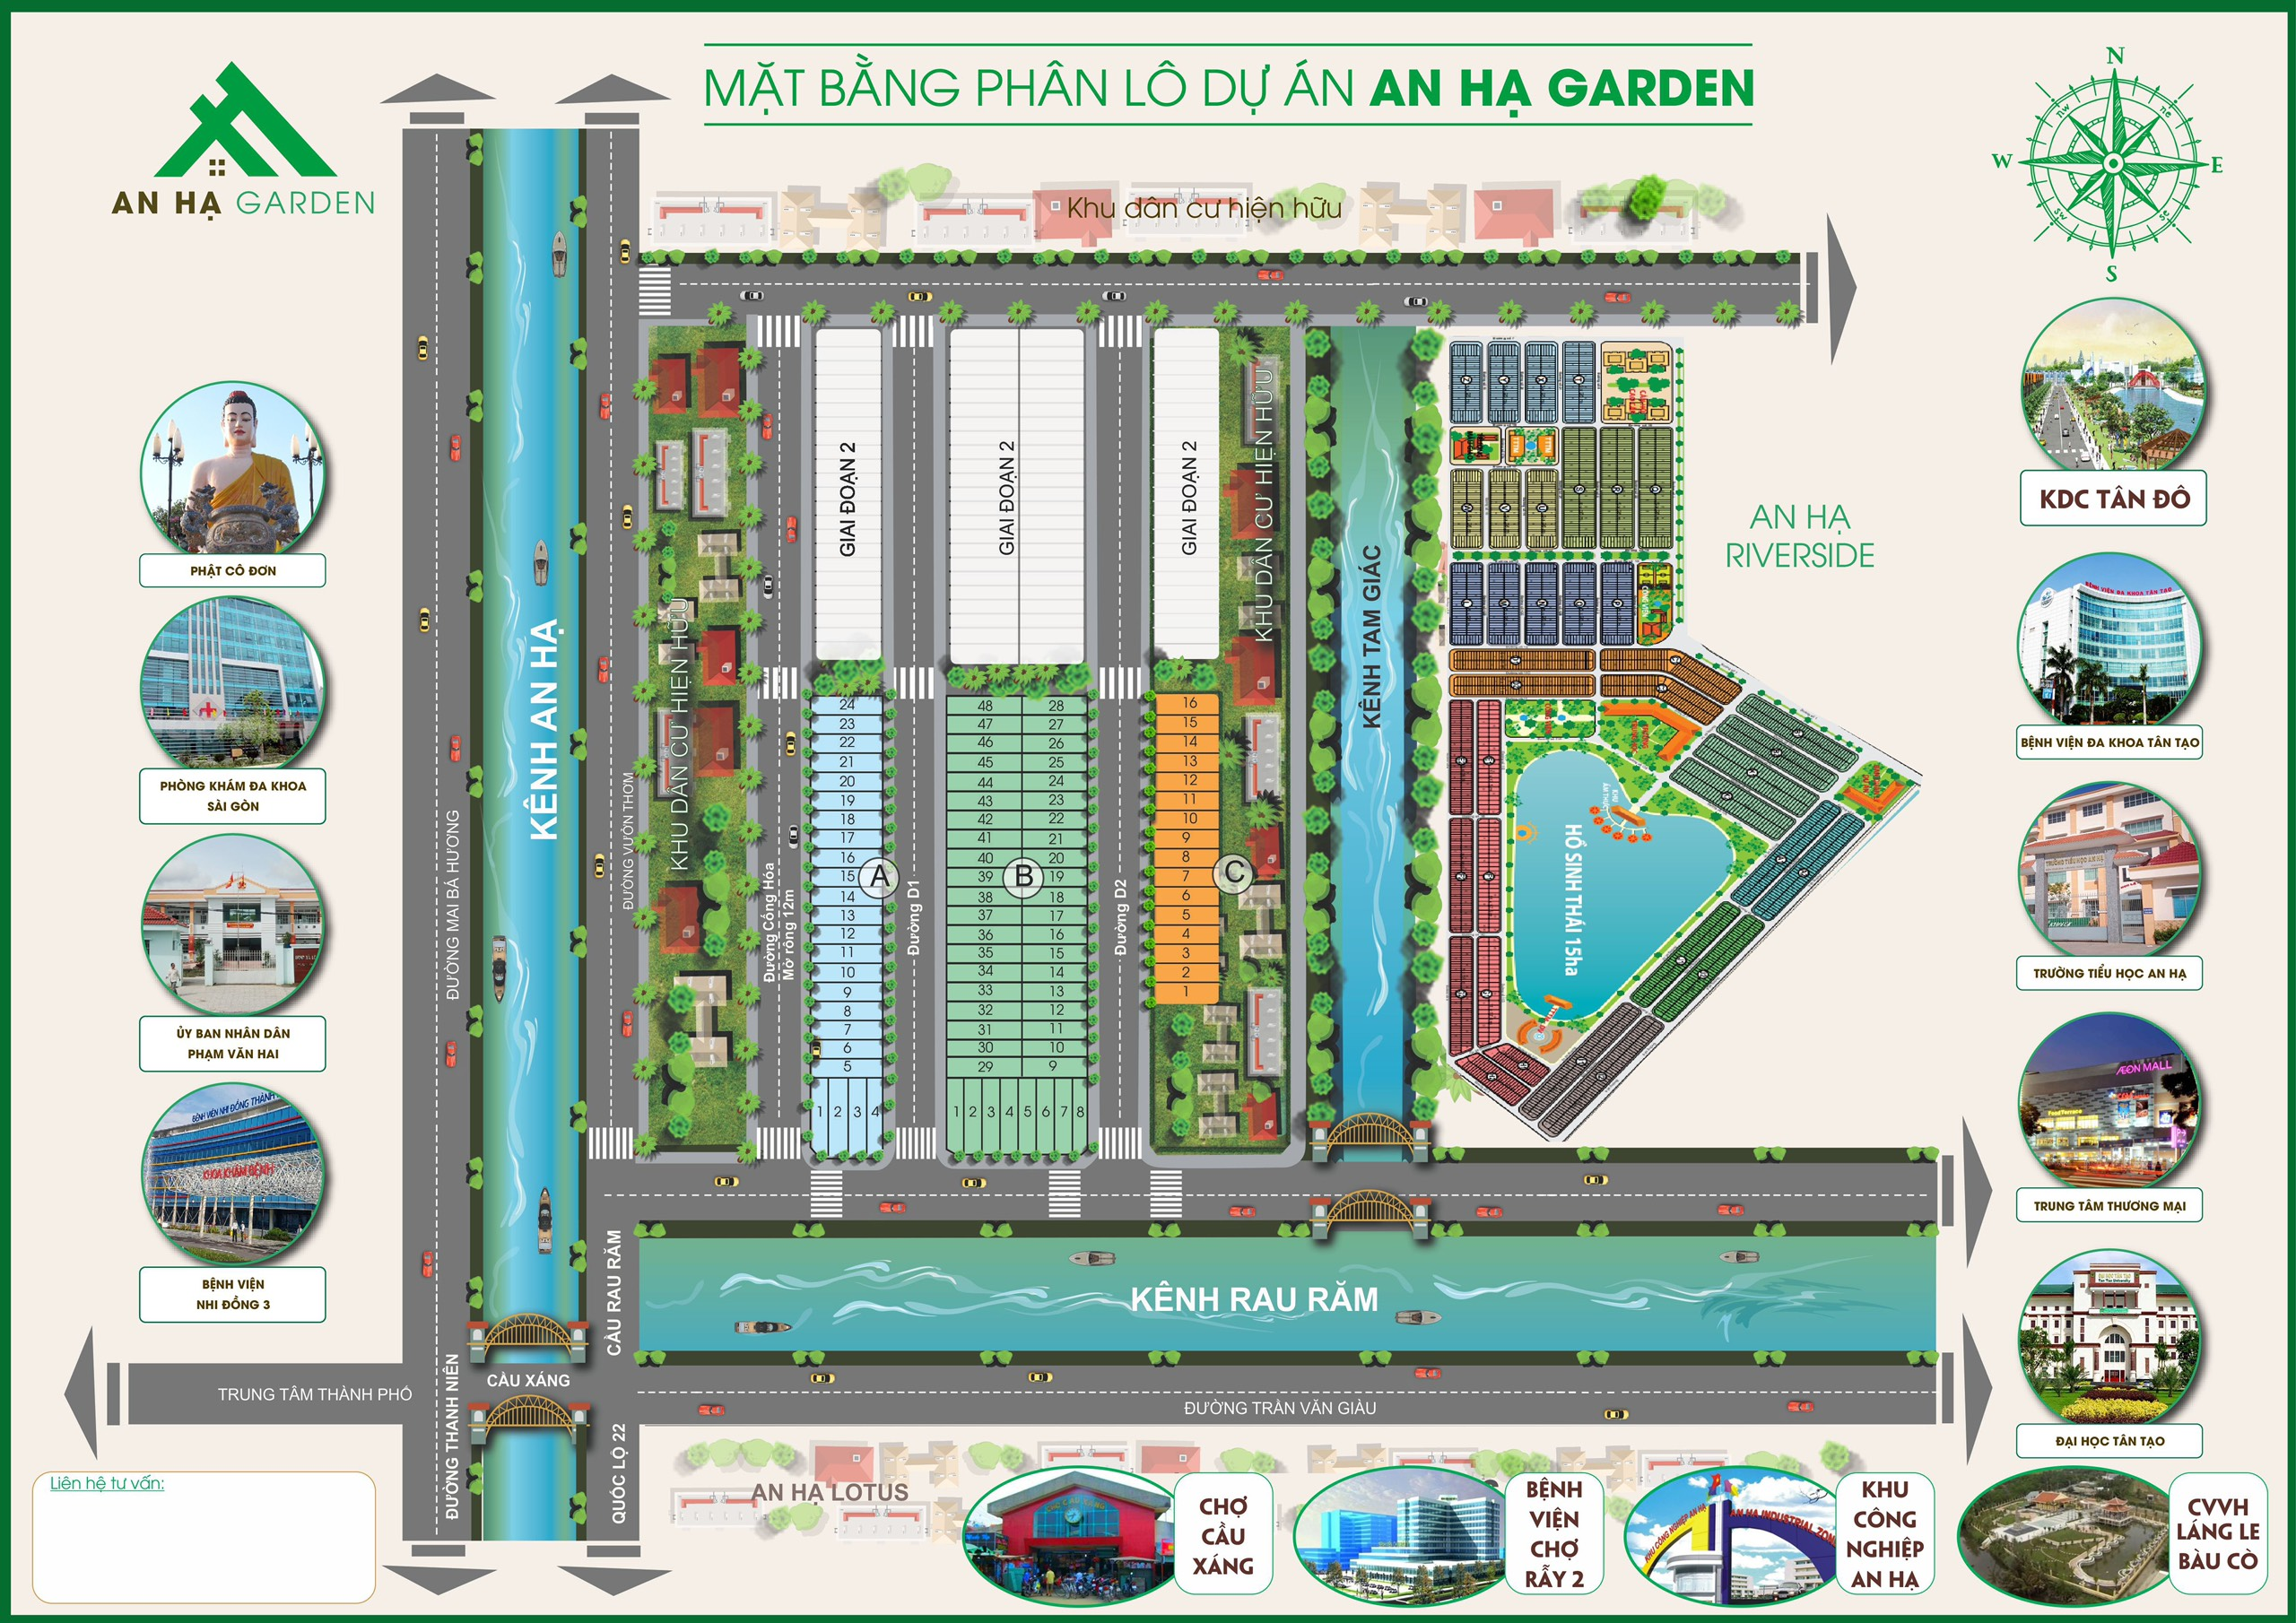 mặt bằng dự án an hạ garden